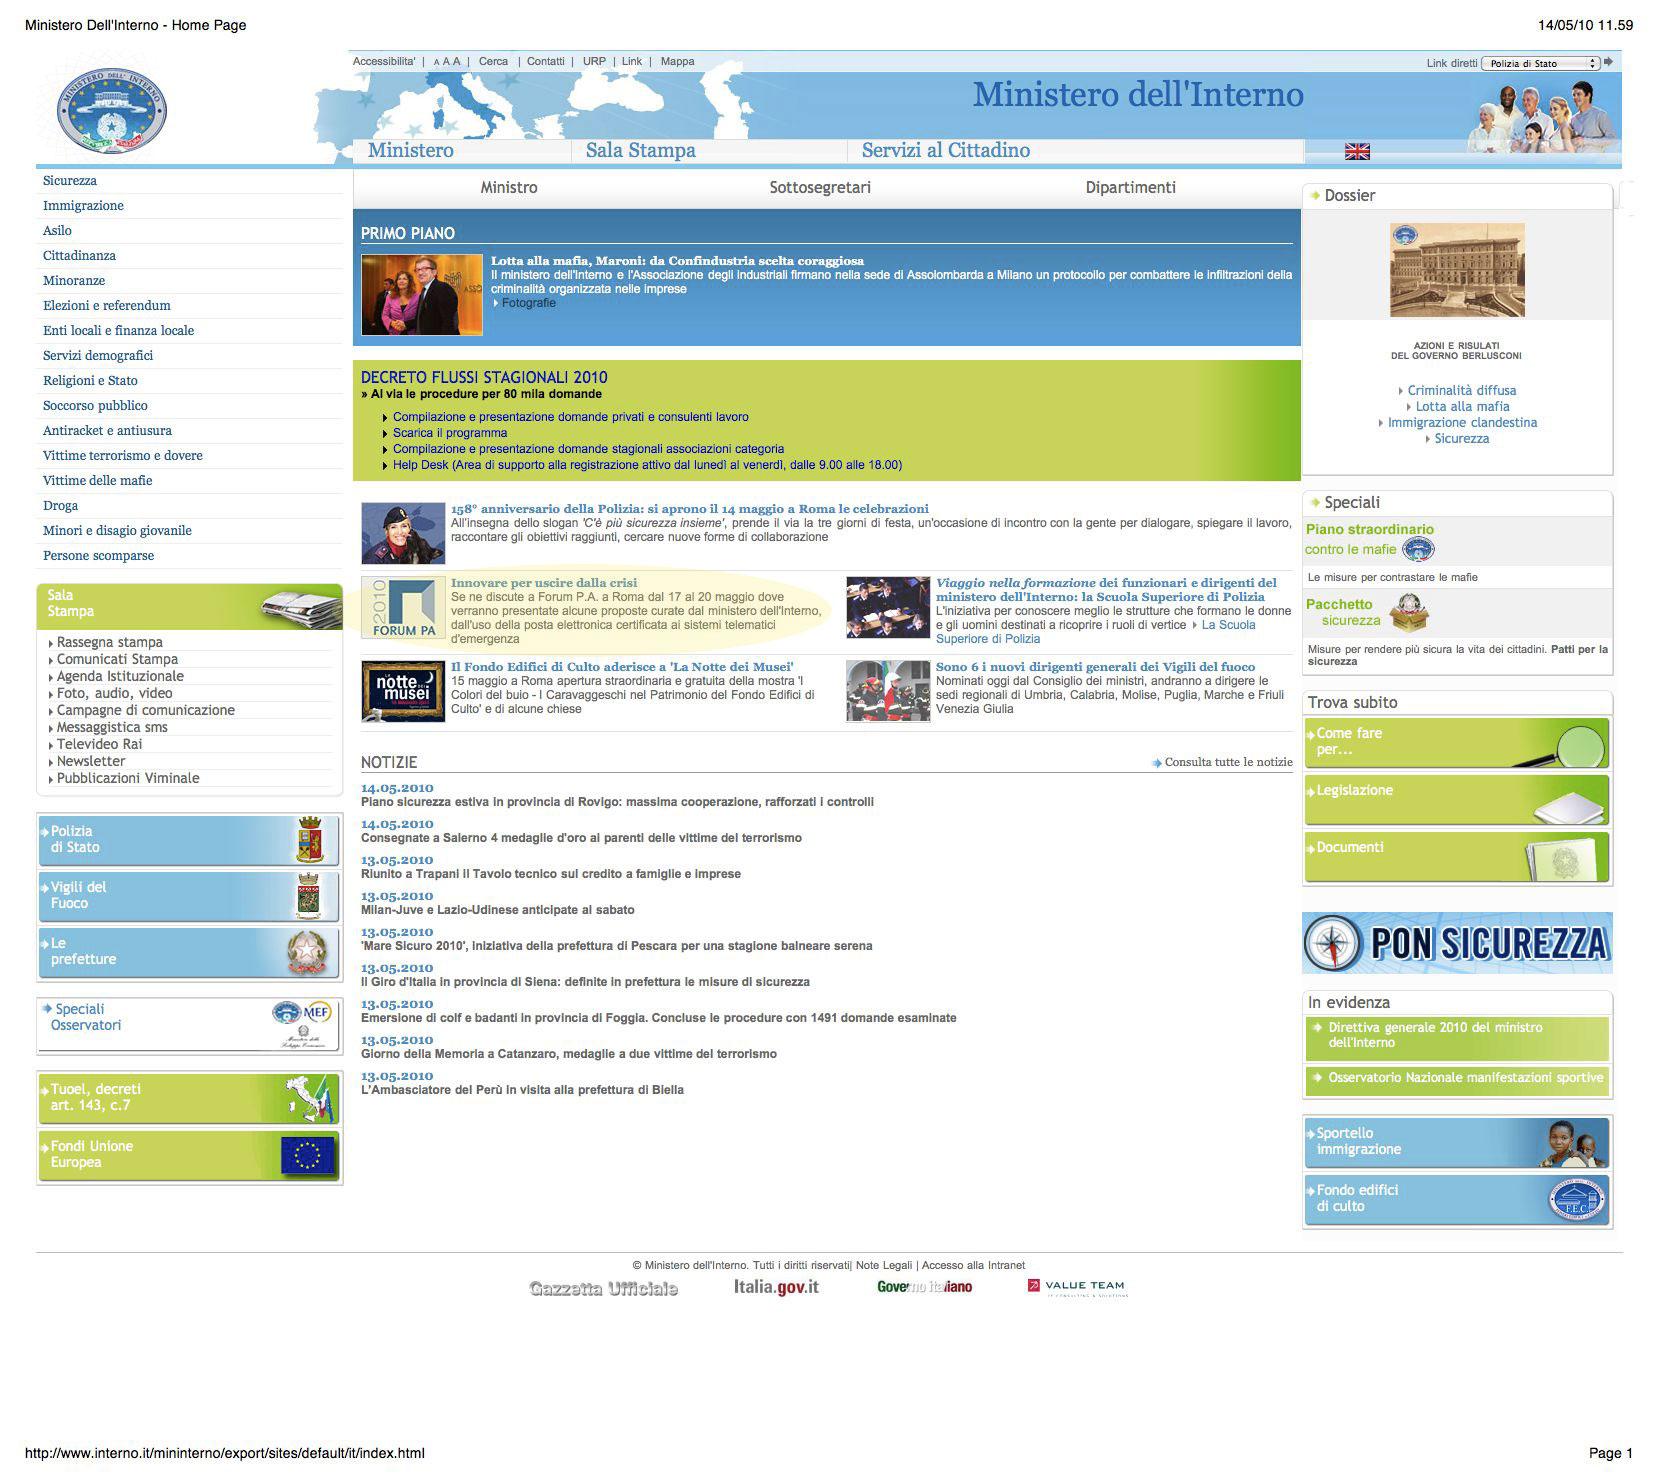 Il ministero dell 39 interno su jixel al forum pa ies solutions for Ministero dell interno